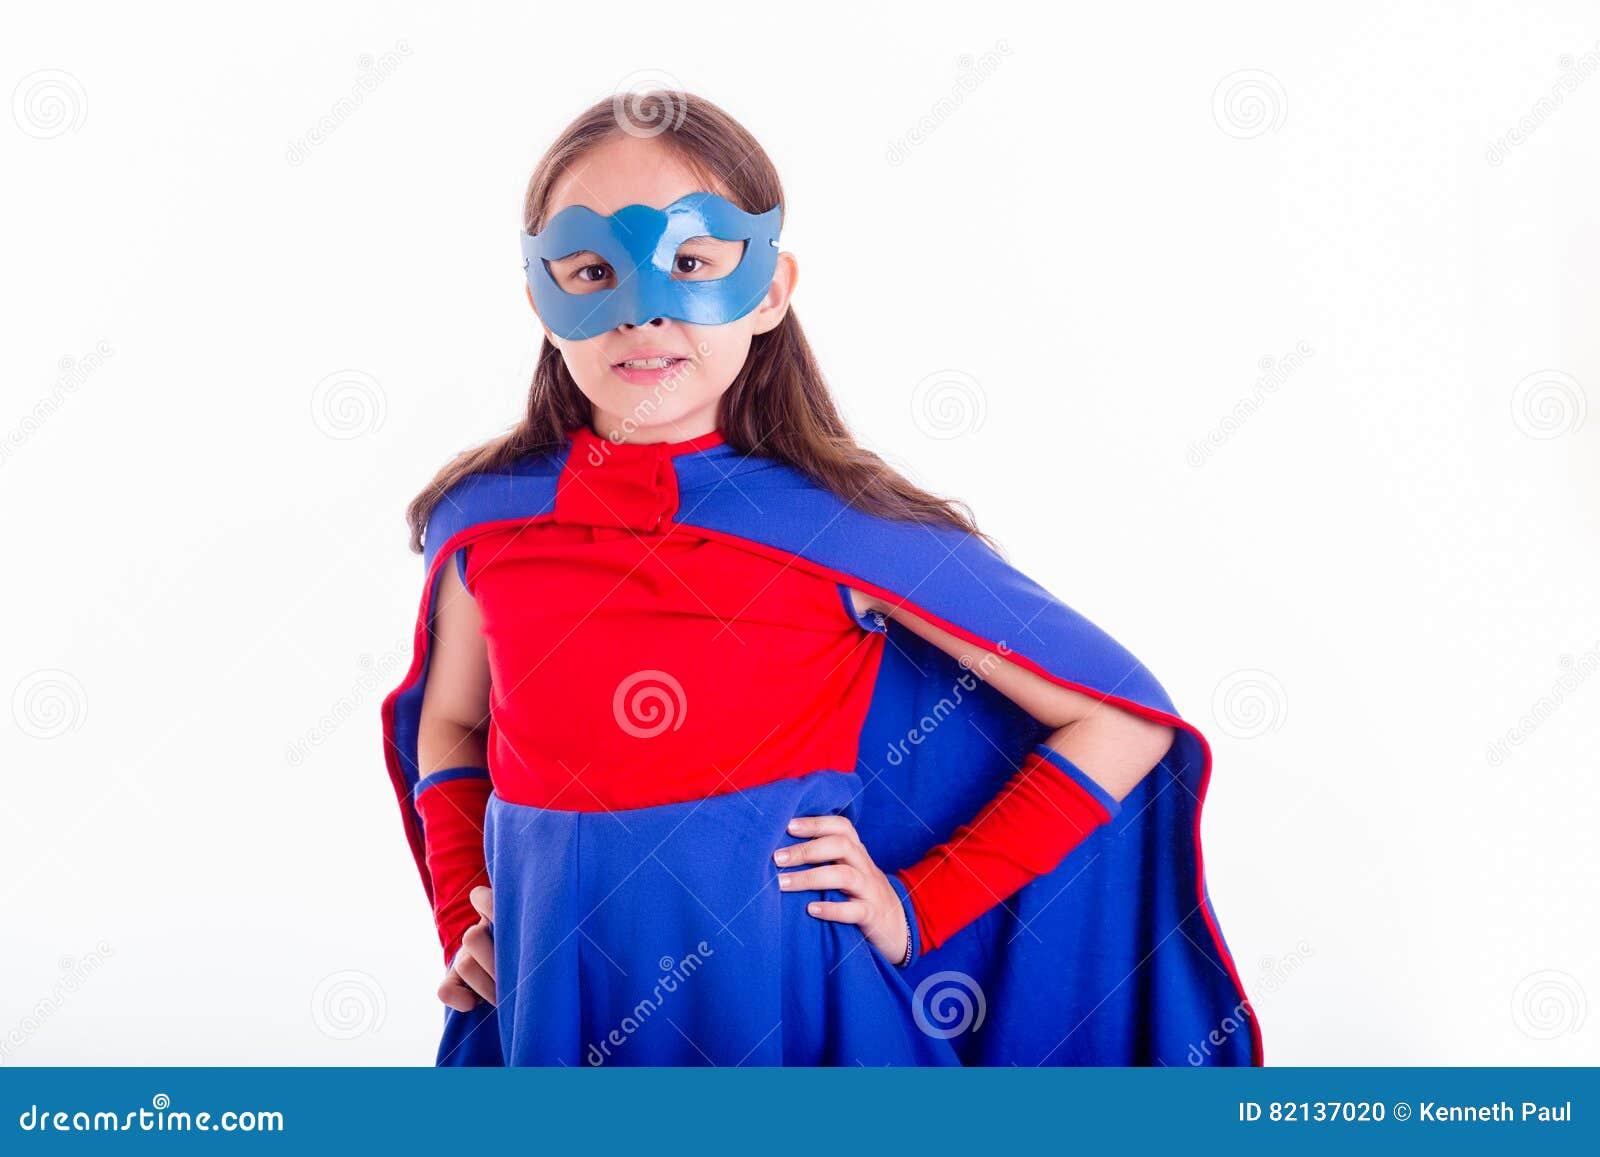 Девушки в костюме супергероев